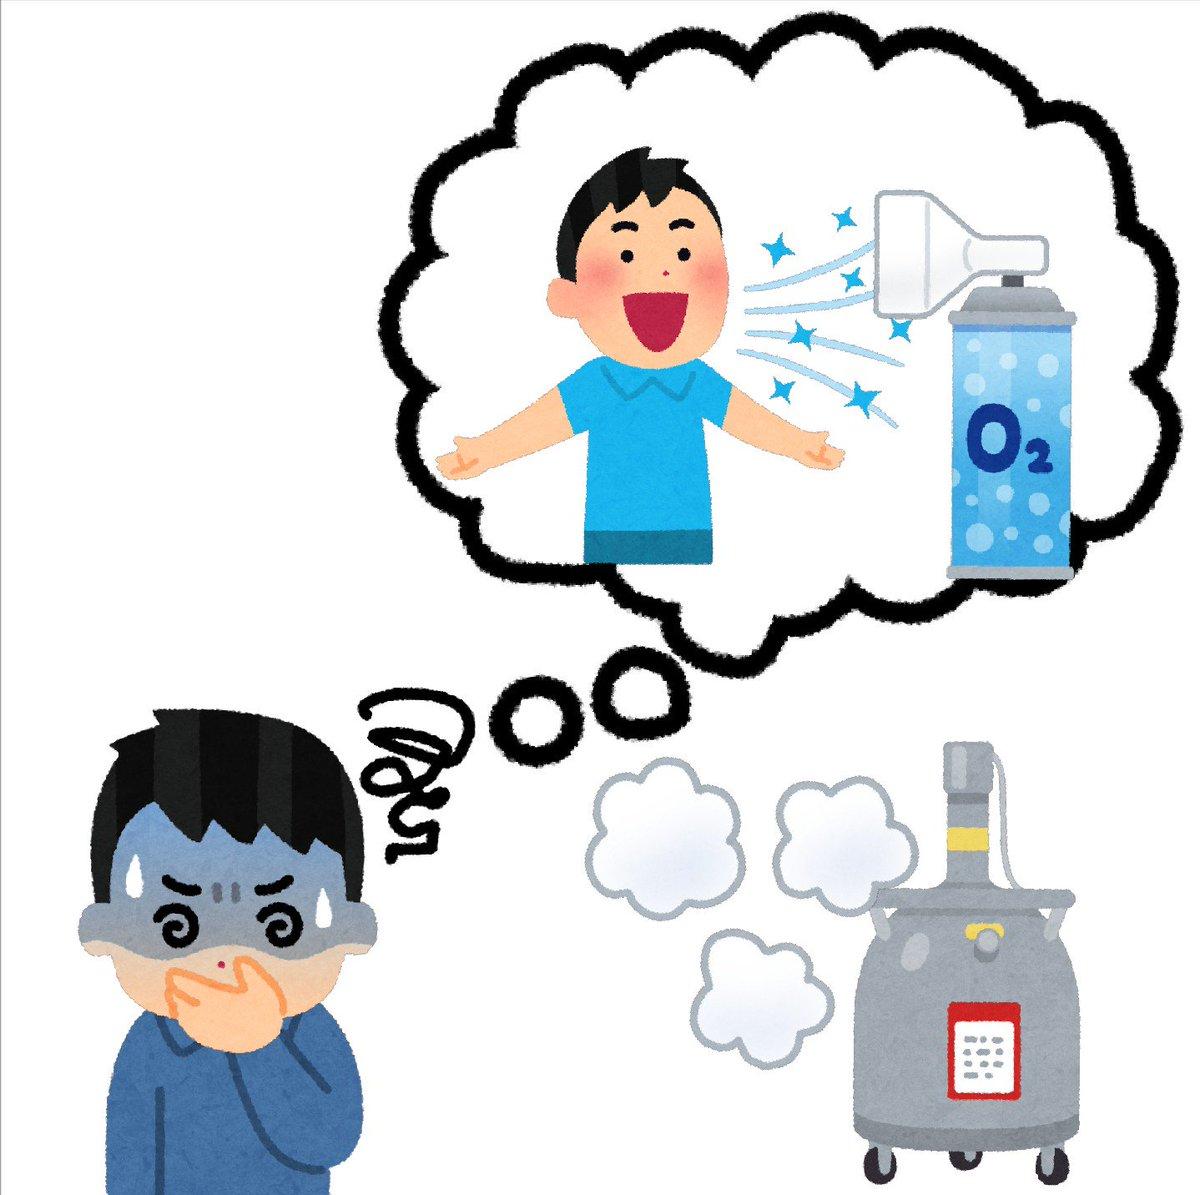 コウメ太夫 On Twitter 酸素を吸ったかと思ったら 窒素を吸って